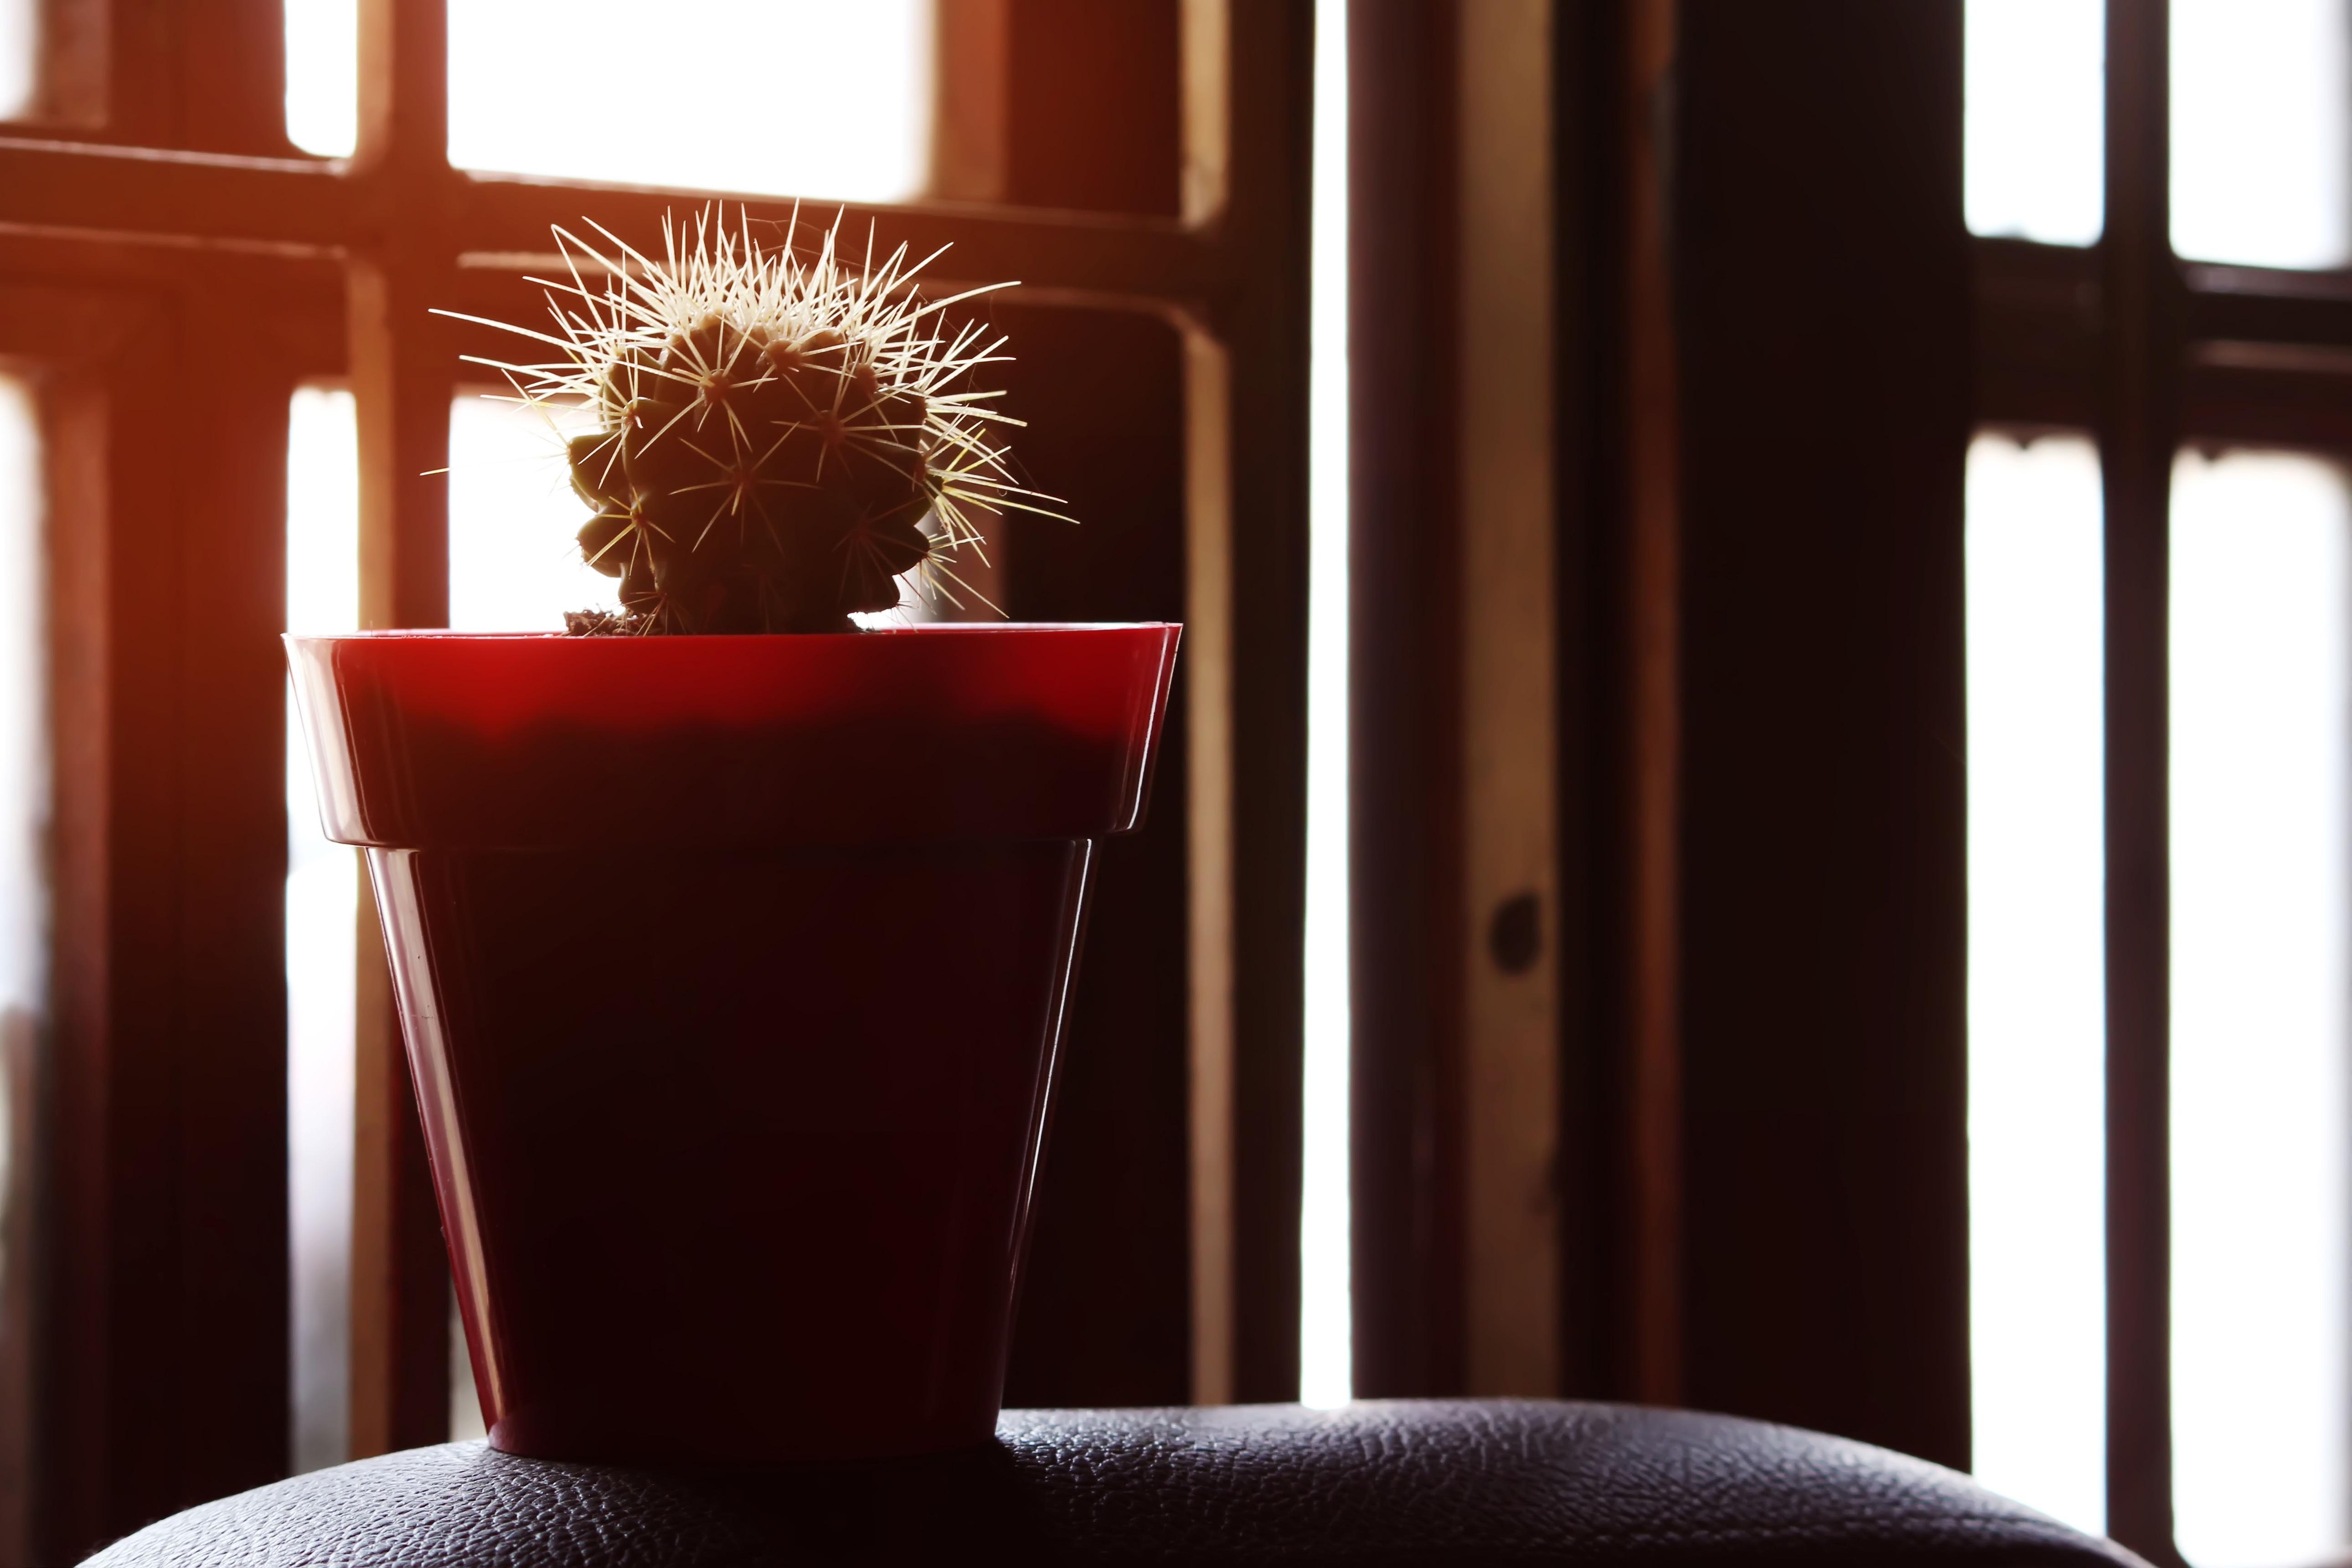 799027cca5dd stoličky Domov červená obývačka nábytok izbu osvetlenie interiérový dizajn  žalúzie okná